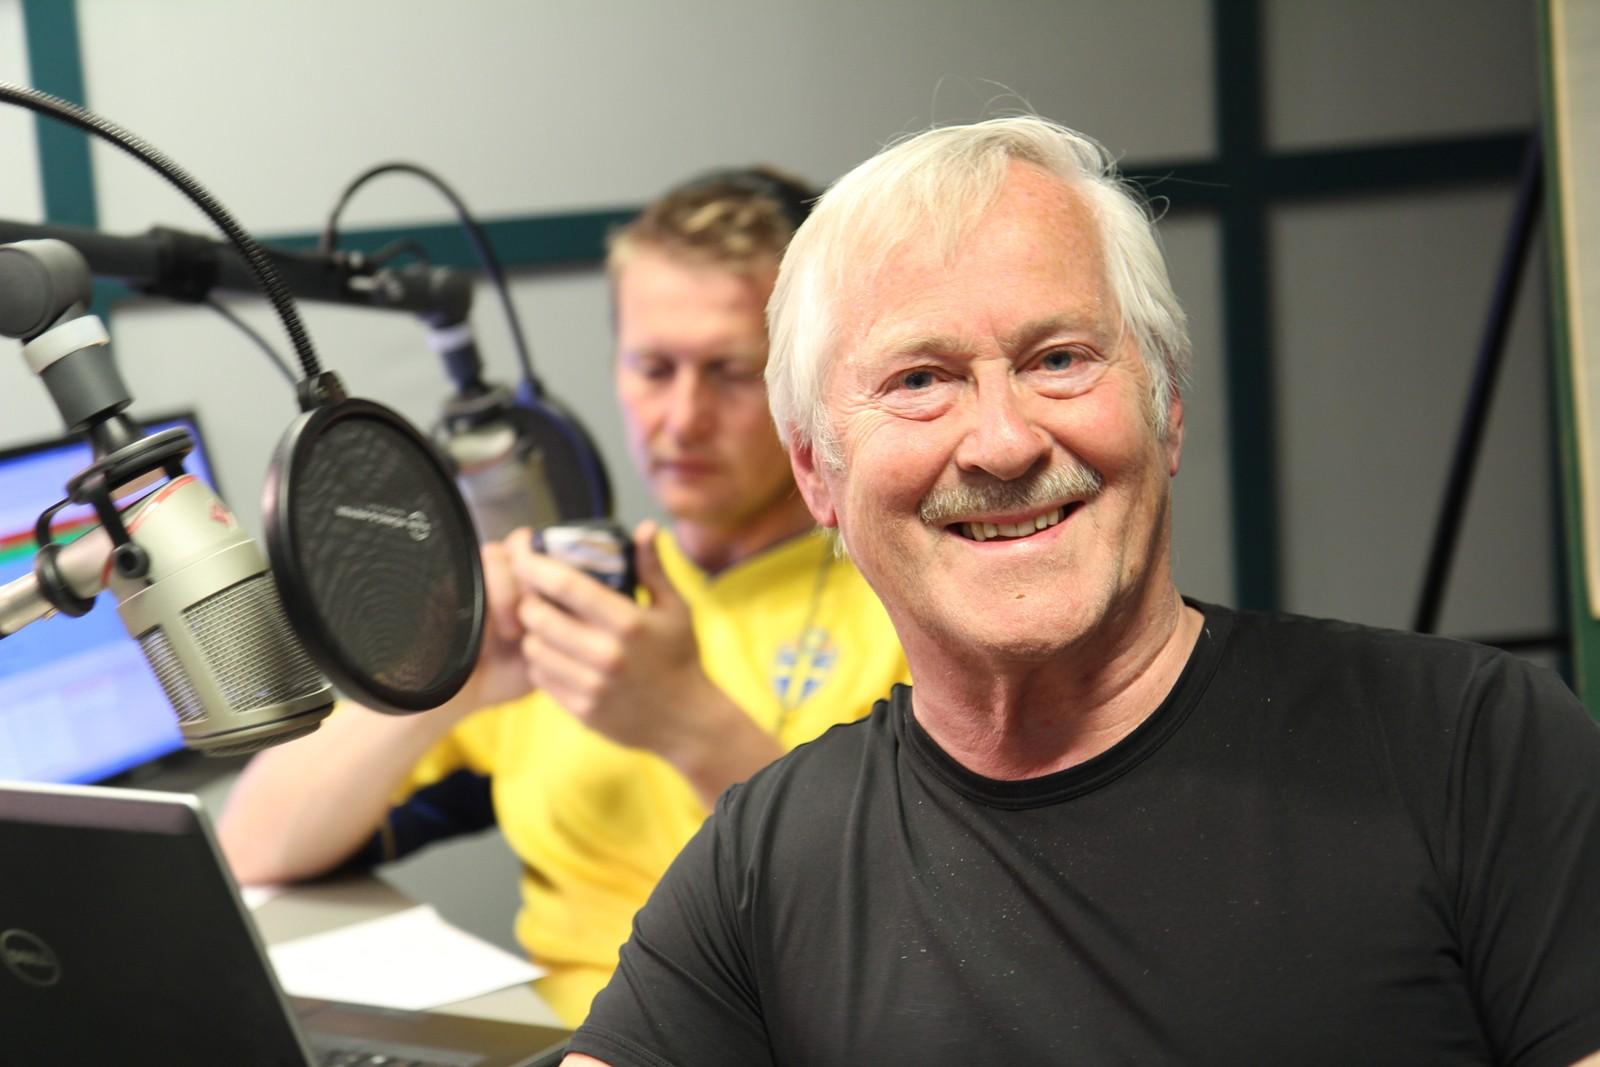 NRK-veteran John Skien på plass i studio, med Johan Mihle Laugaland i bakgrunnen.